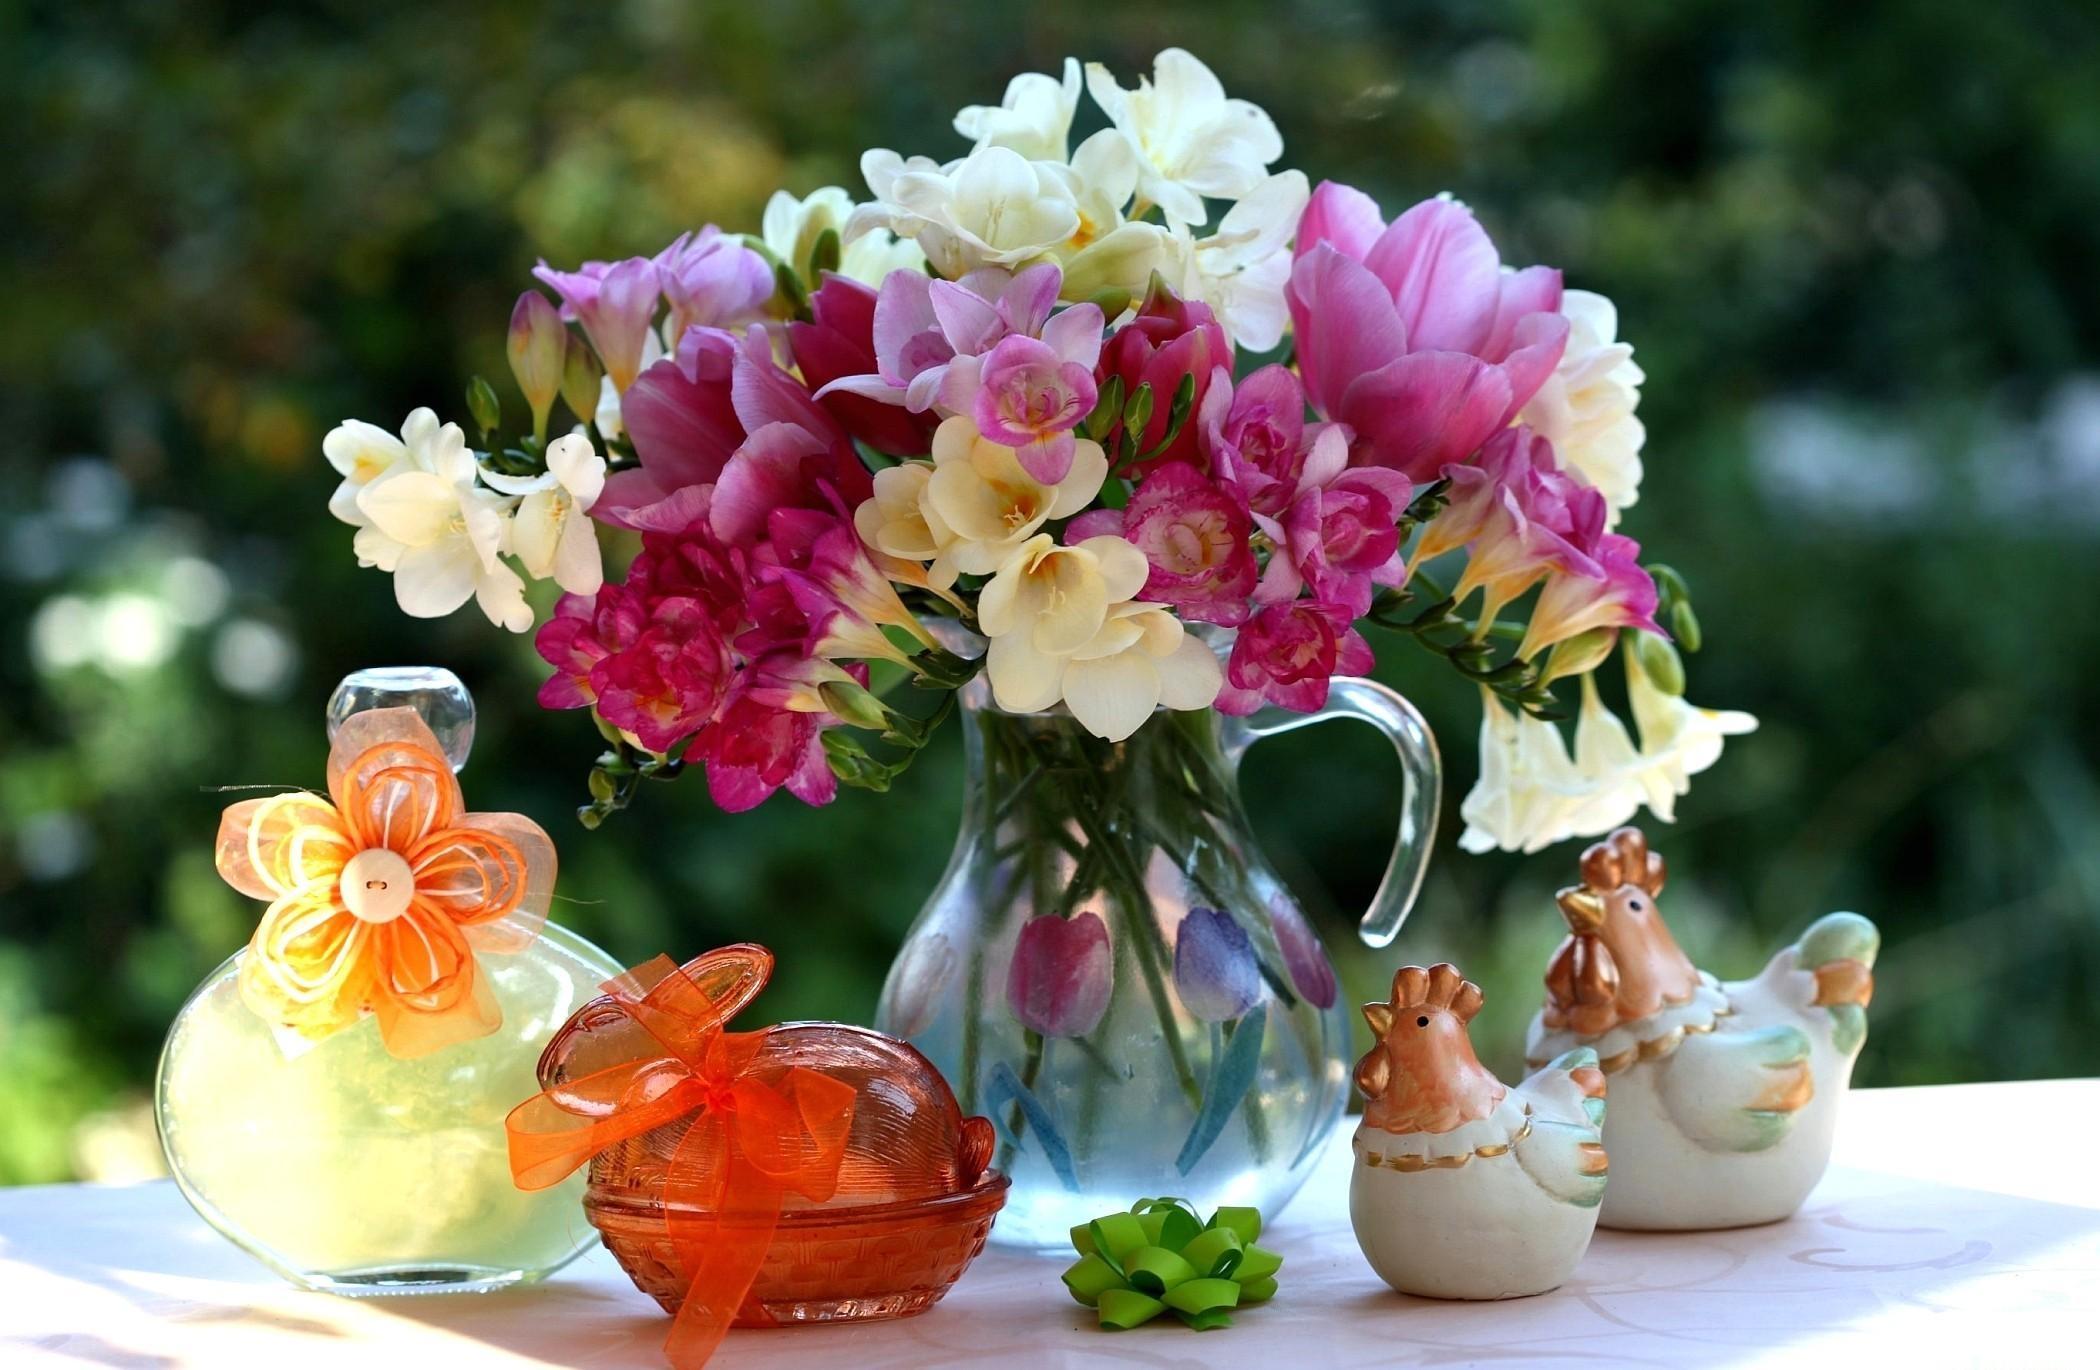 70218 скачать обои Тюльпаны, Цветы, Украшения, Букет, Кувшин, Фигурки, Фрезия - заставки и картинки бесплатно